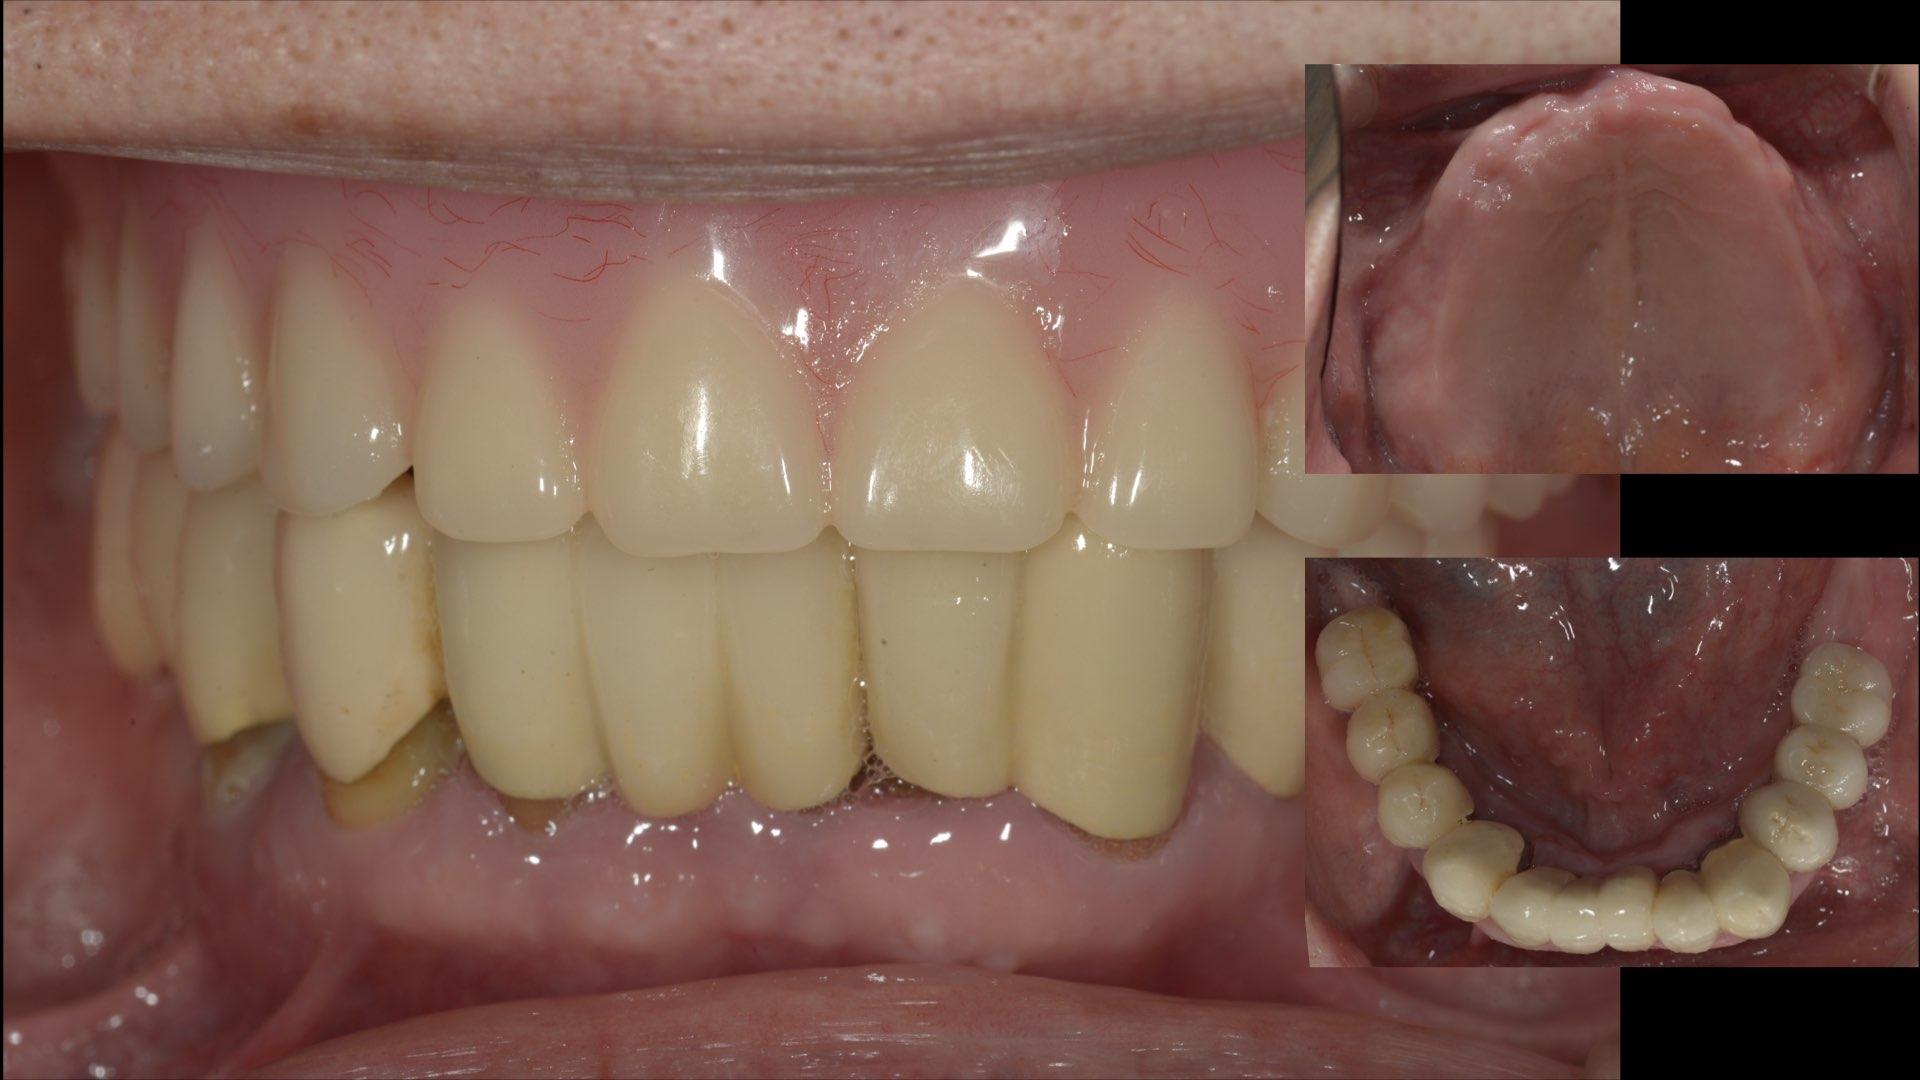 上顎全口義齒併下顎局部活動義齒